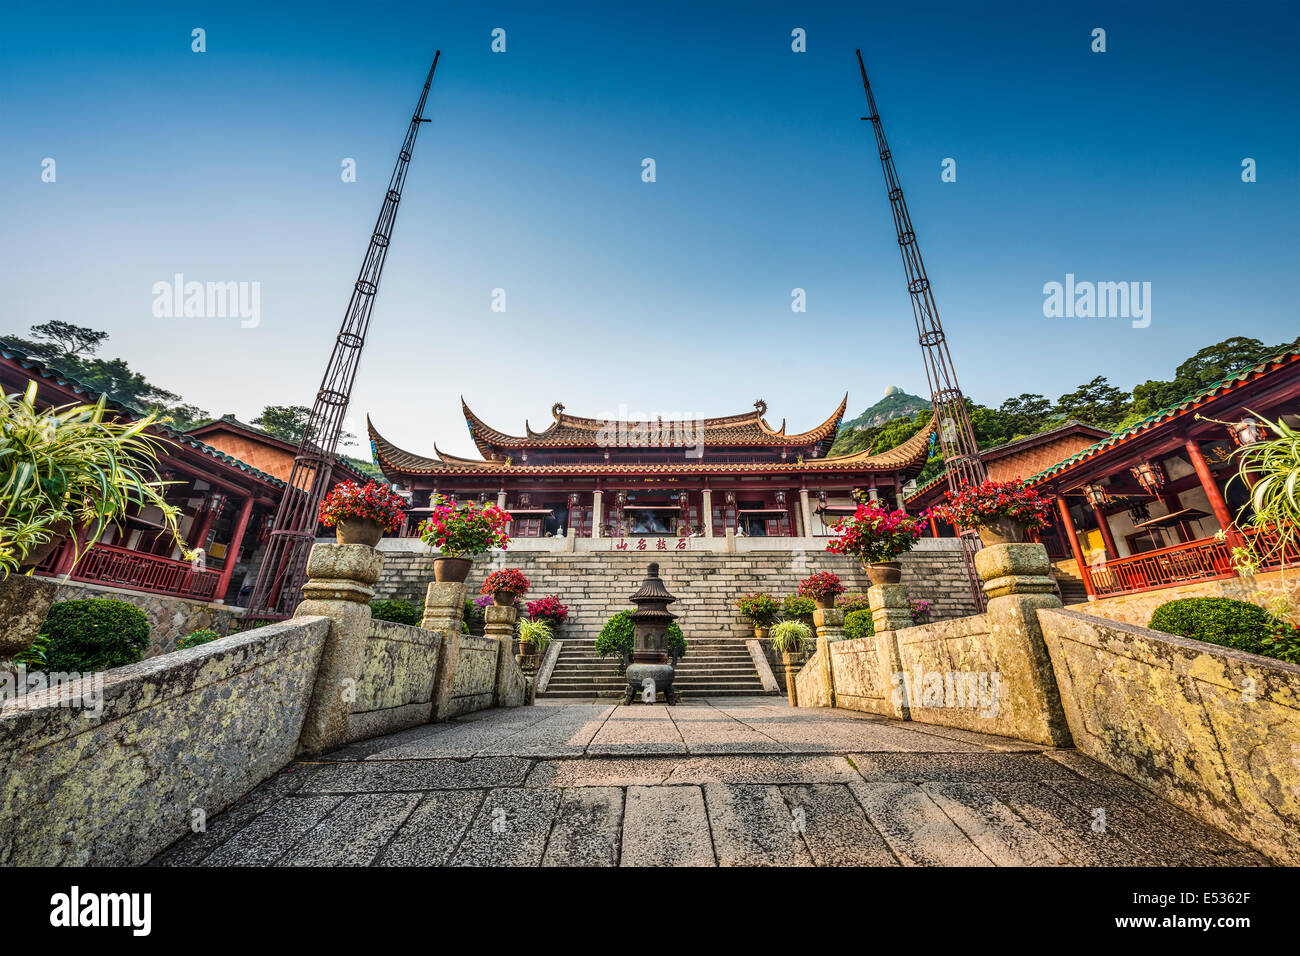 Fuzhou, Fujian at Yongquan Temple on Gu Shan Mountain. - Stock Image